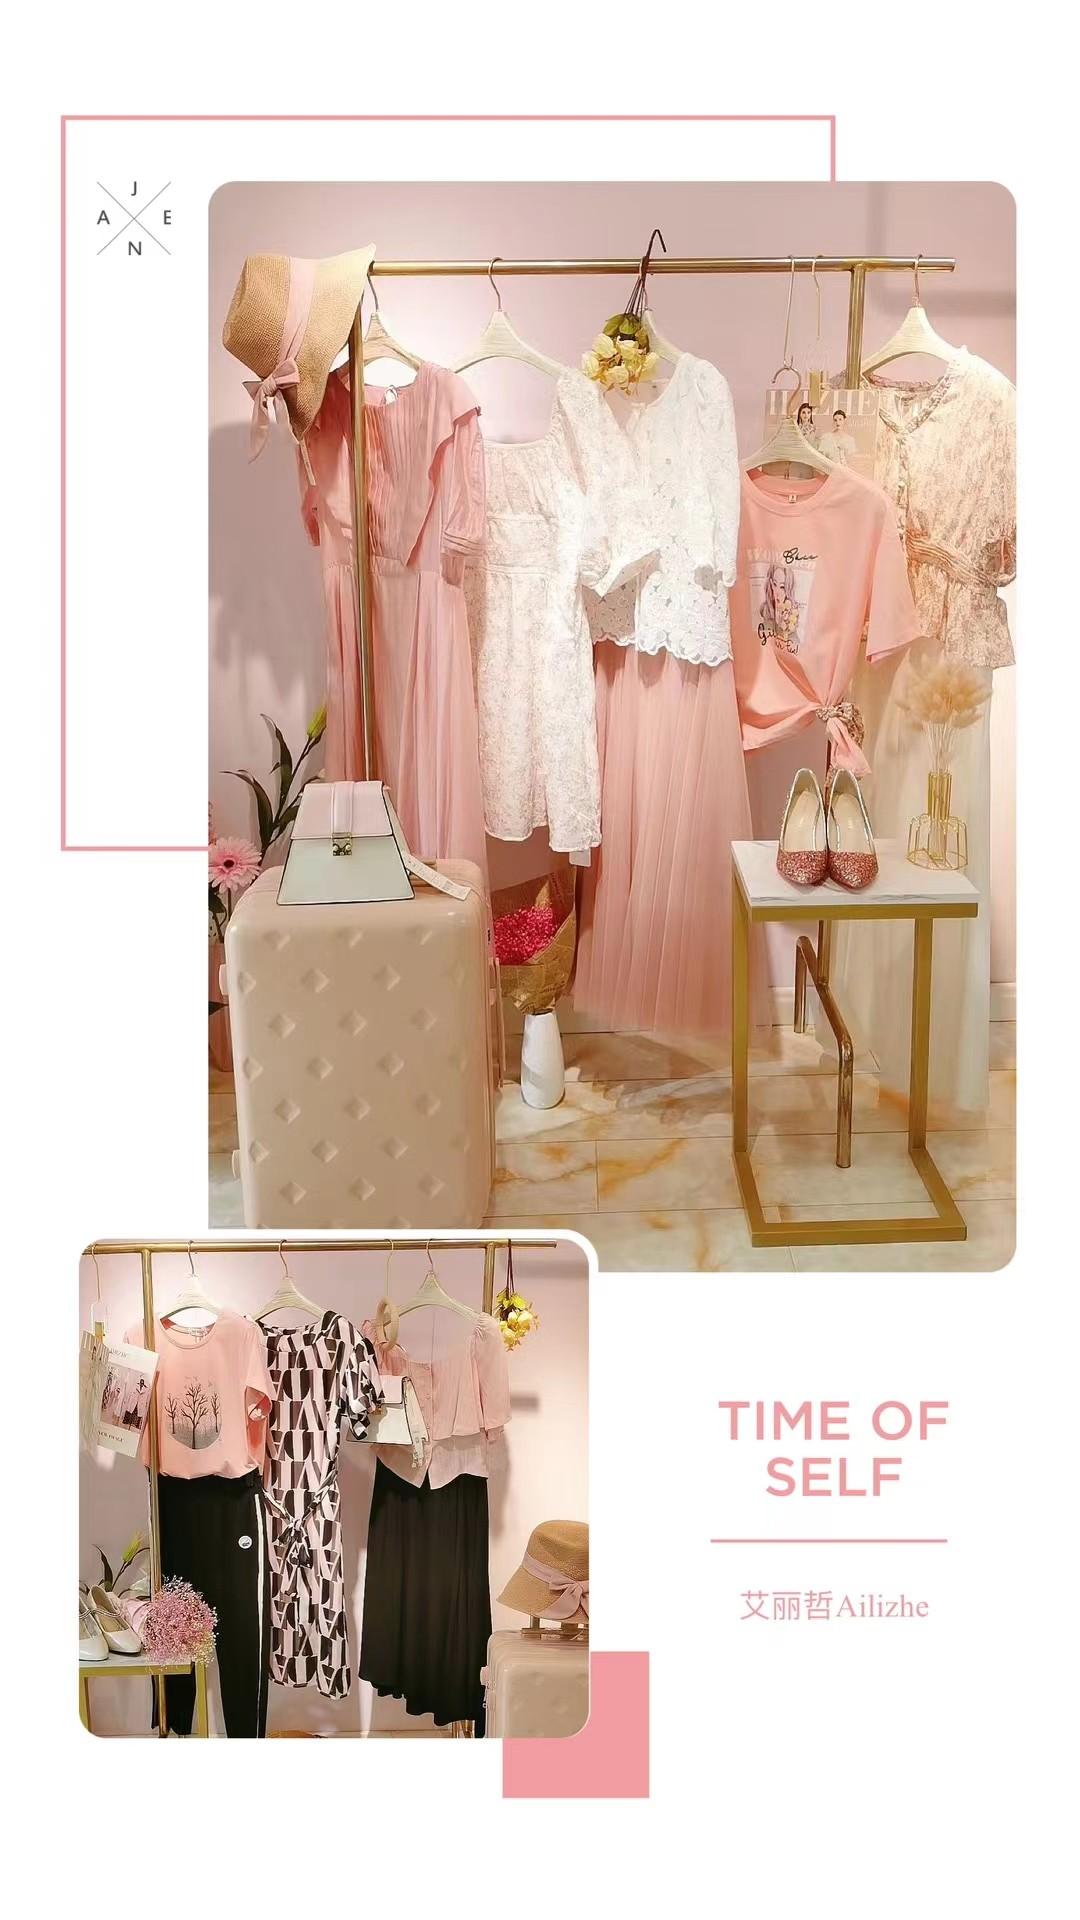 艾丽哲时尚女装品牌店,满足年轻消费者的个性需求